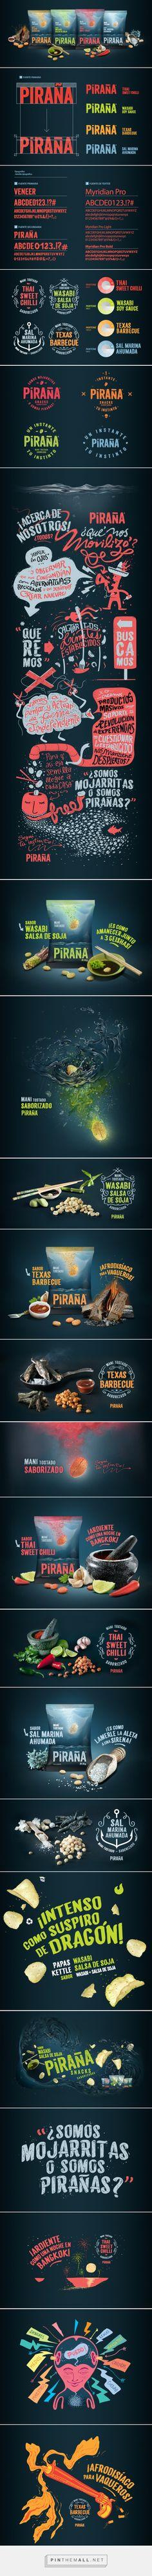 PIRAÑA SNACKS by NNSS In-consciente Visual